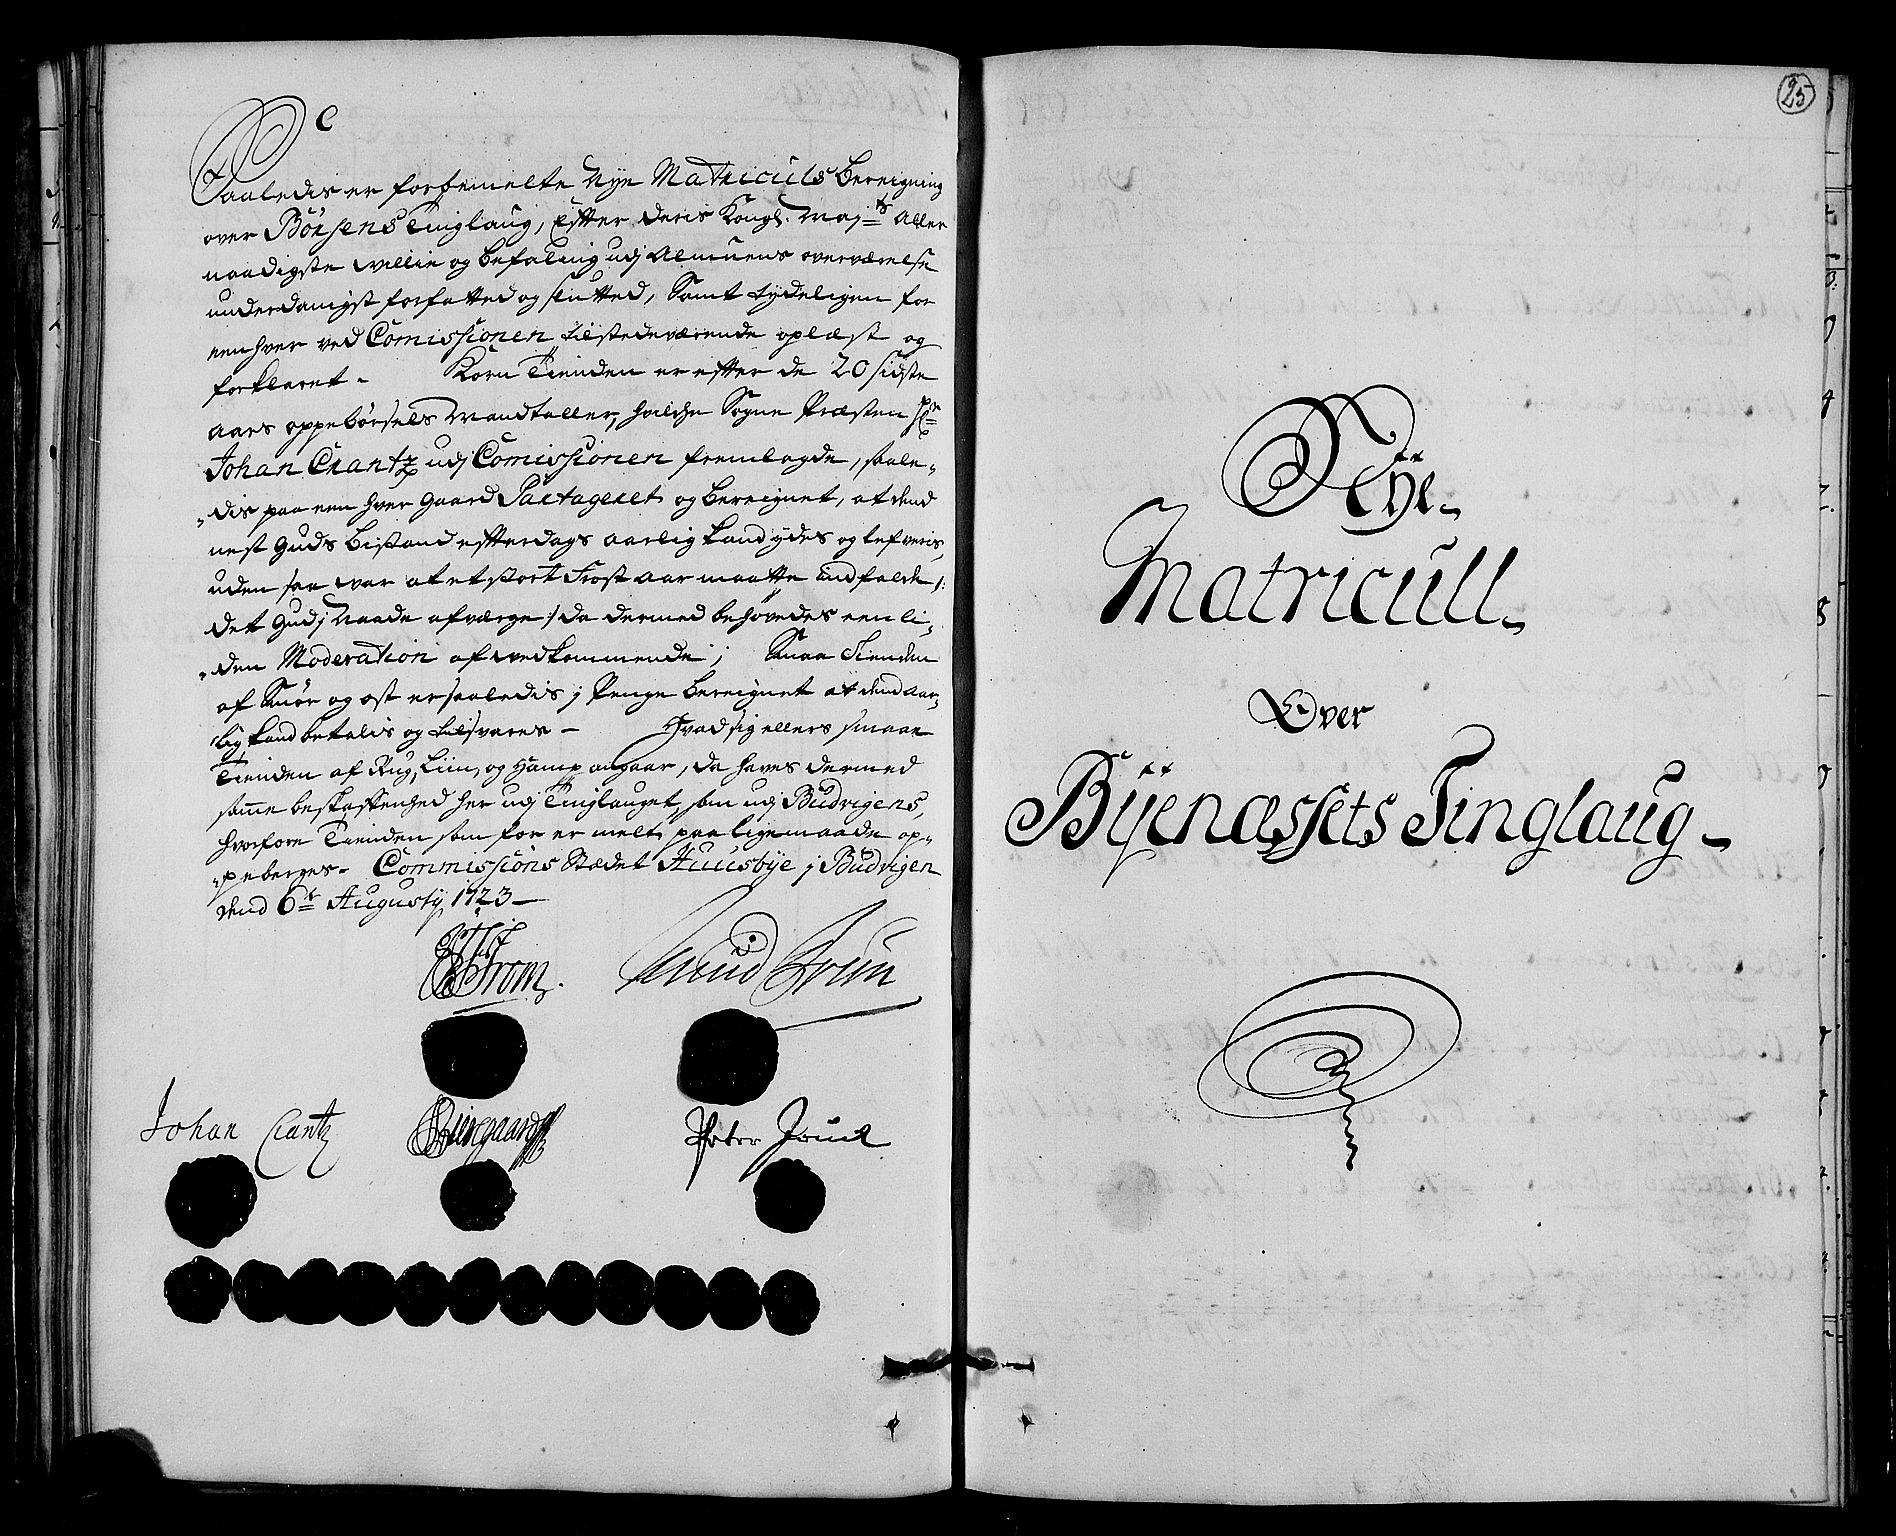 RA, Rentekammeret inntil 1814, Realistisk ordnet avdeling, N/Nb/Nbf/L0161: Strinda og Selbu matrikkelprotokoll, 1723, s. 24b-25a